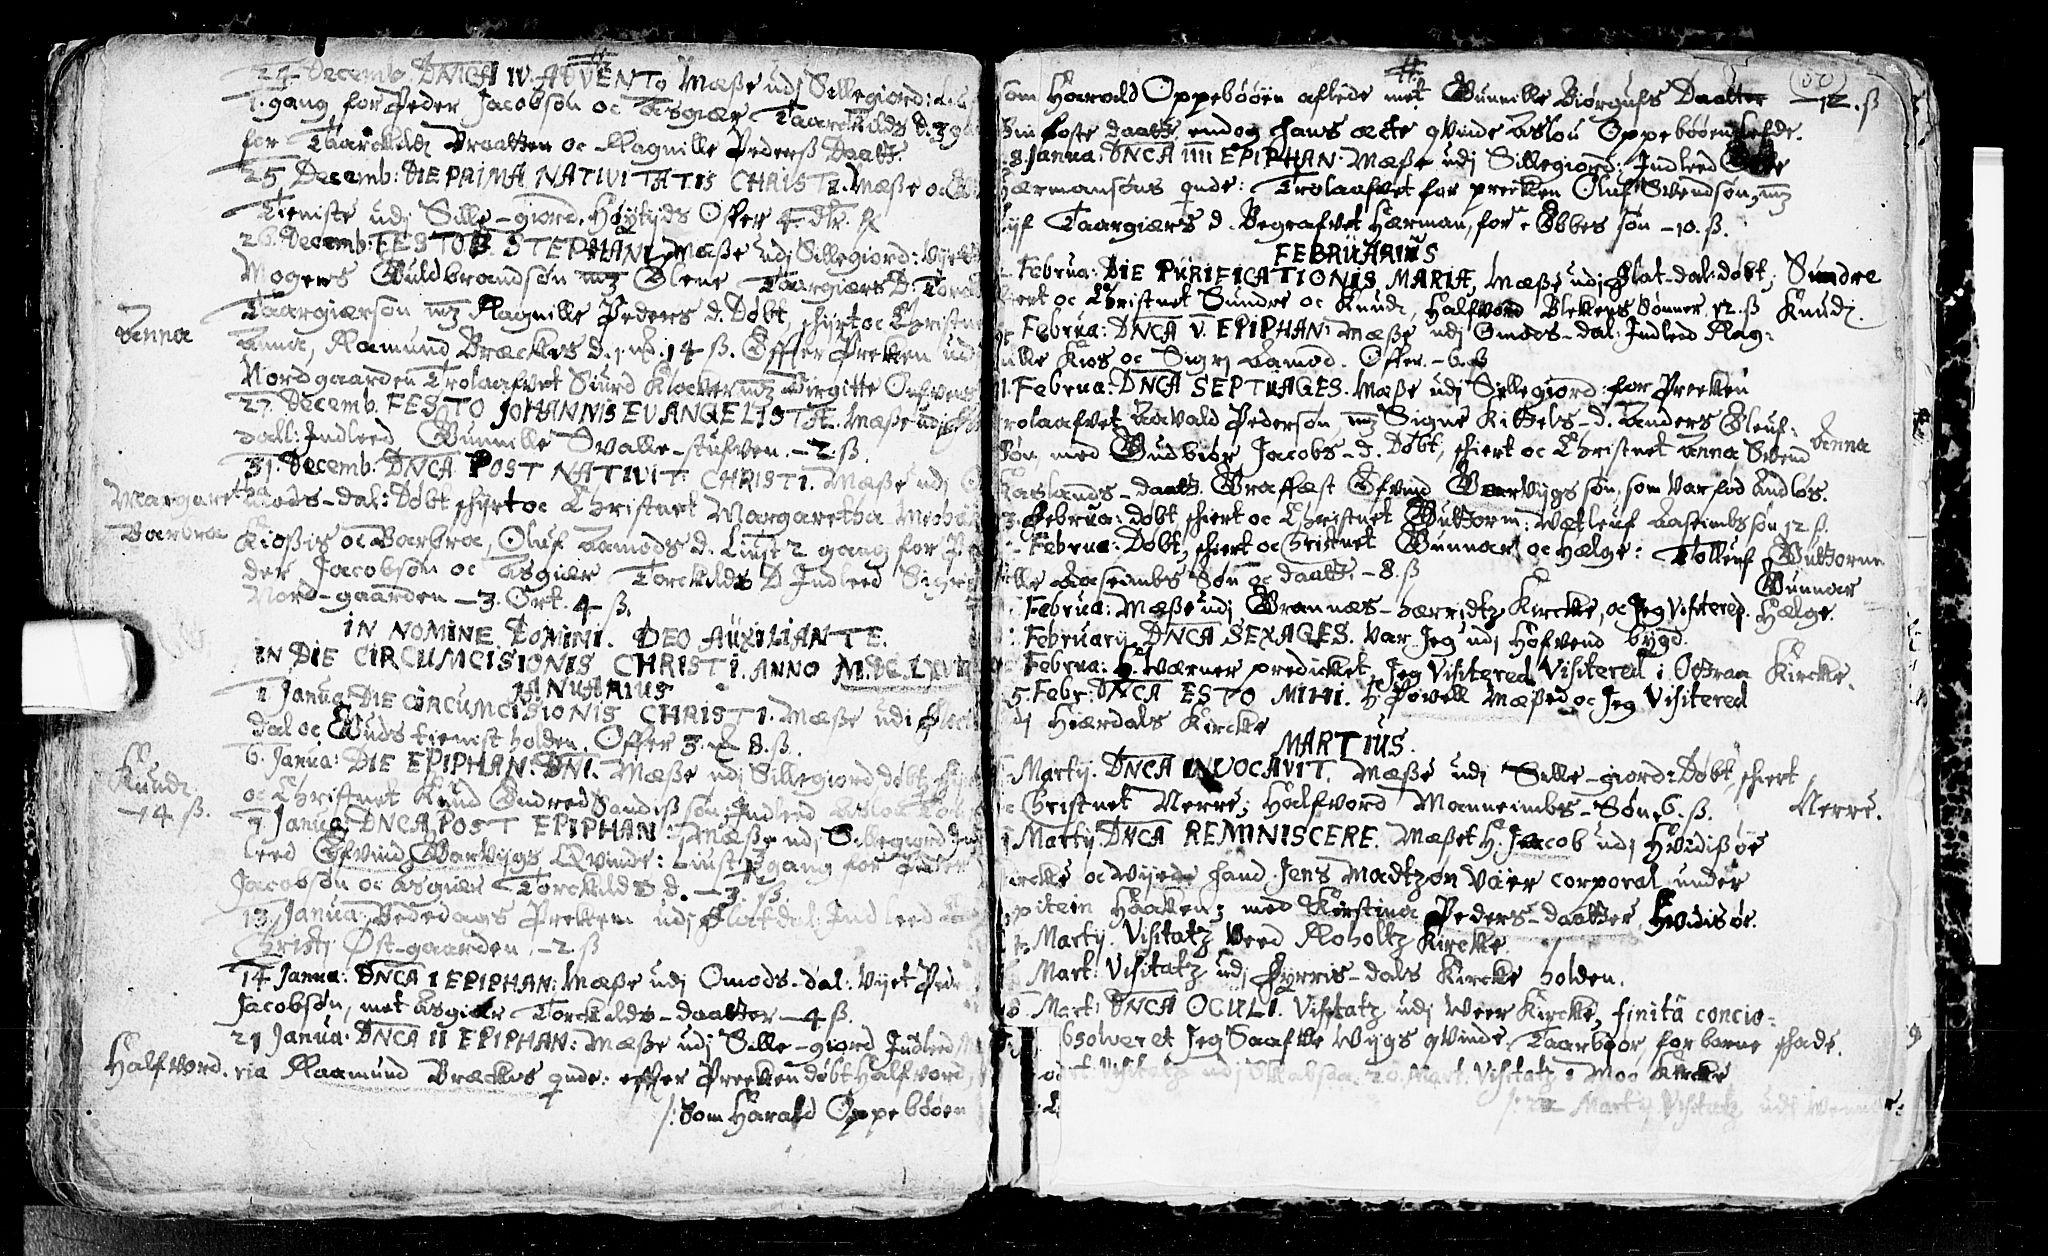 SAKO, Seljord kirkebøker, F/Fa/L0001: Ministerialbok nr. I 1, 1654-1686, s. 50